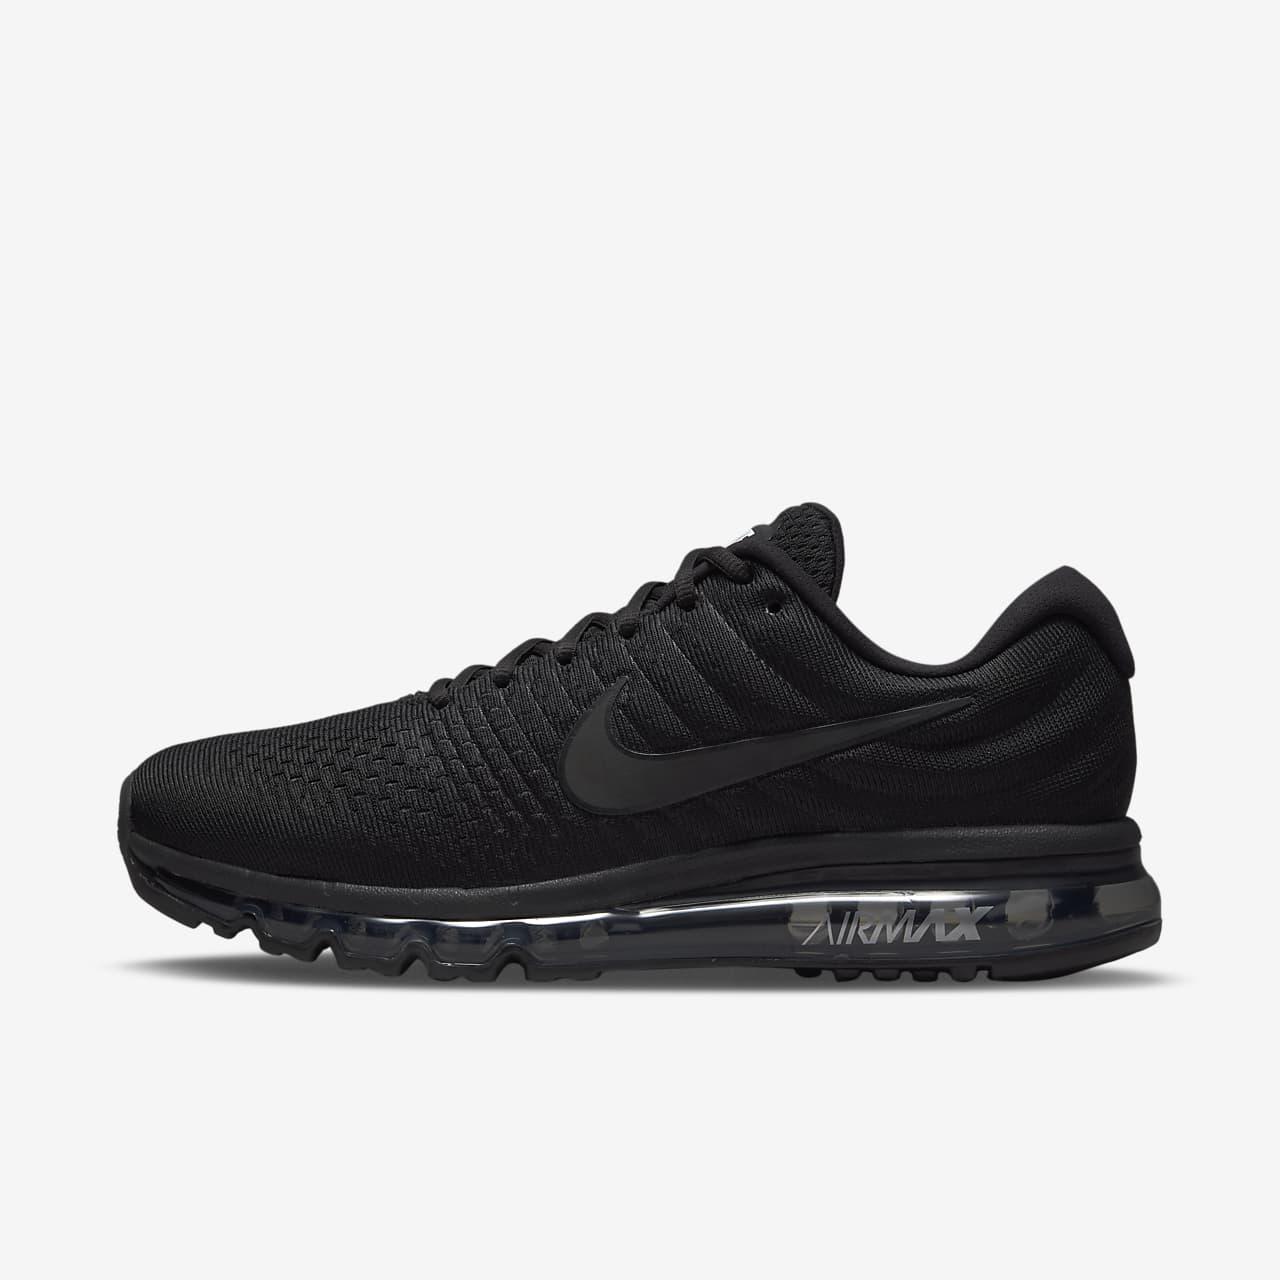 online store 9299c 0fd83 ... Sko Nike Air Max 2017 för män